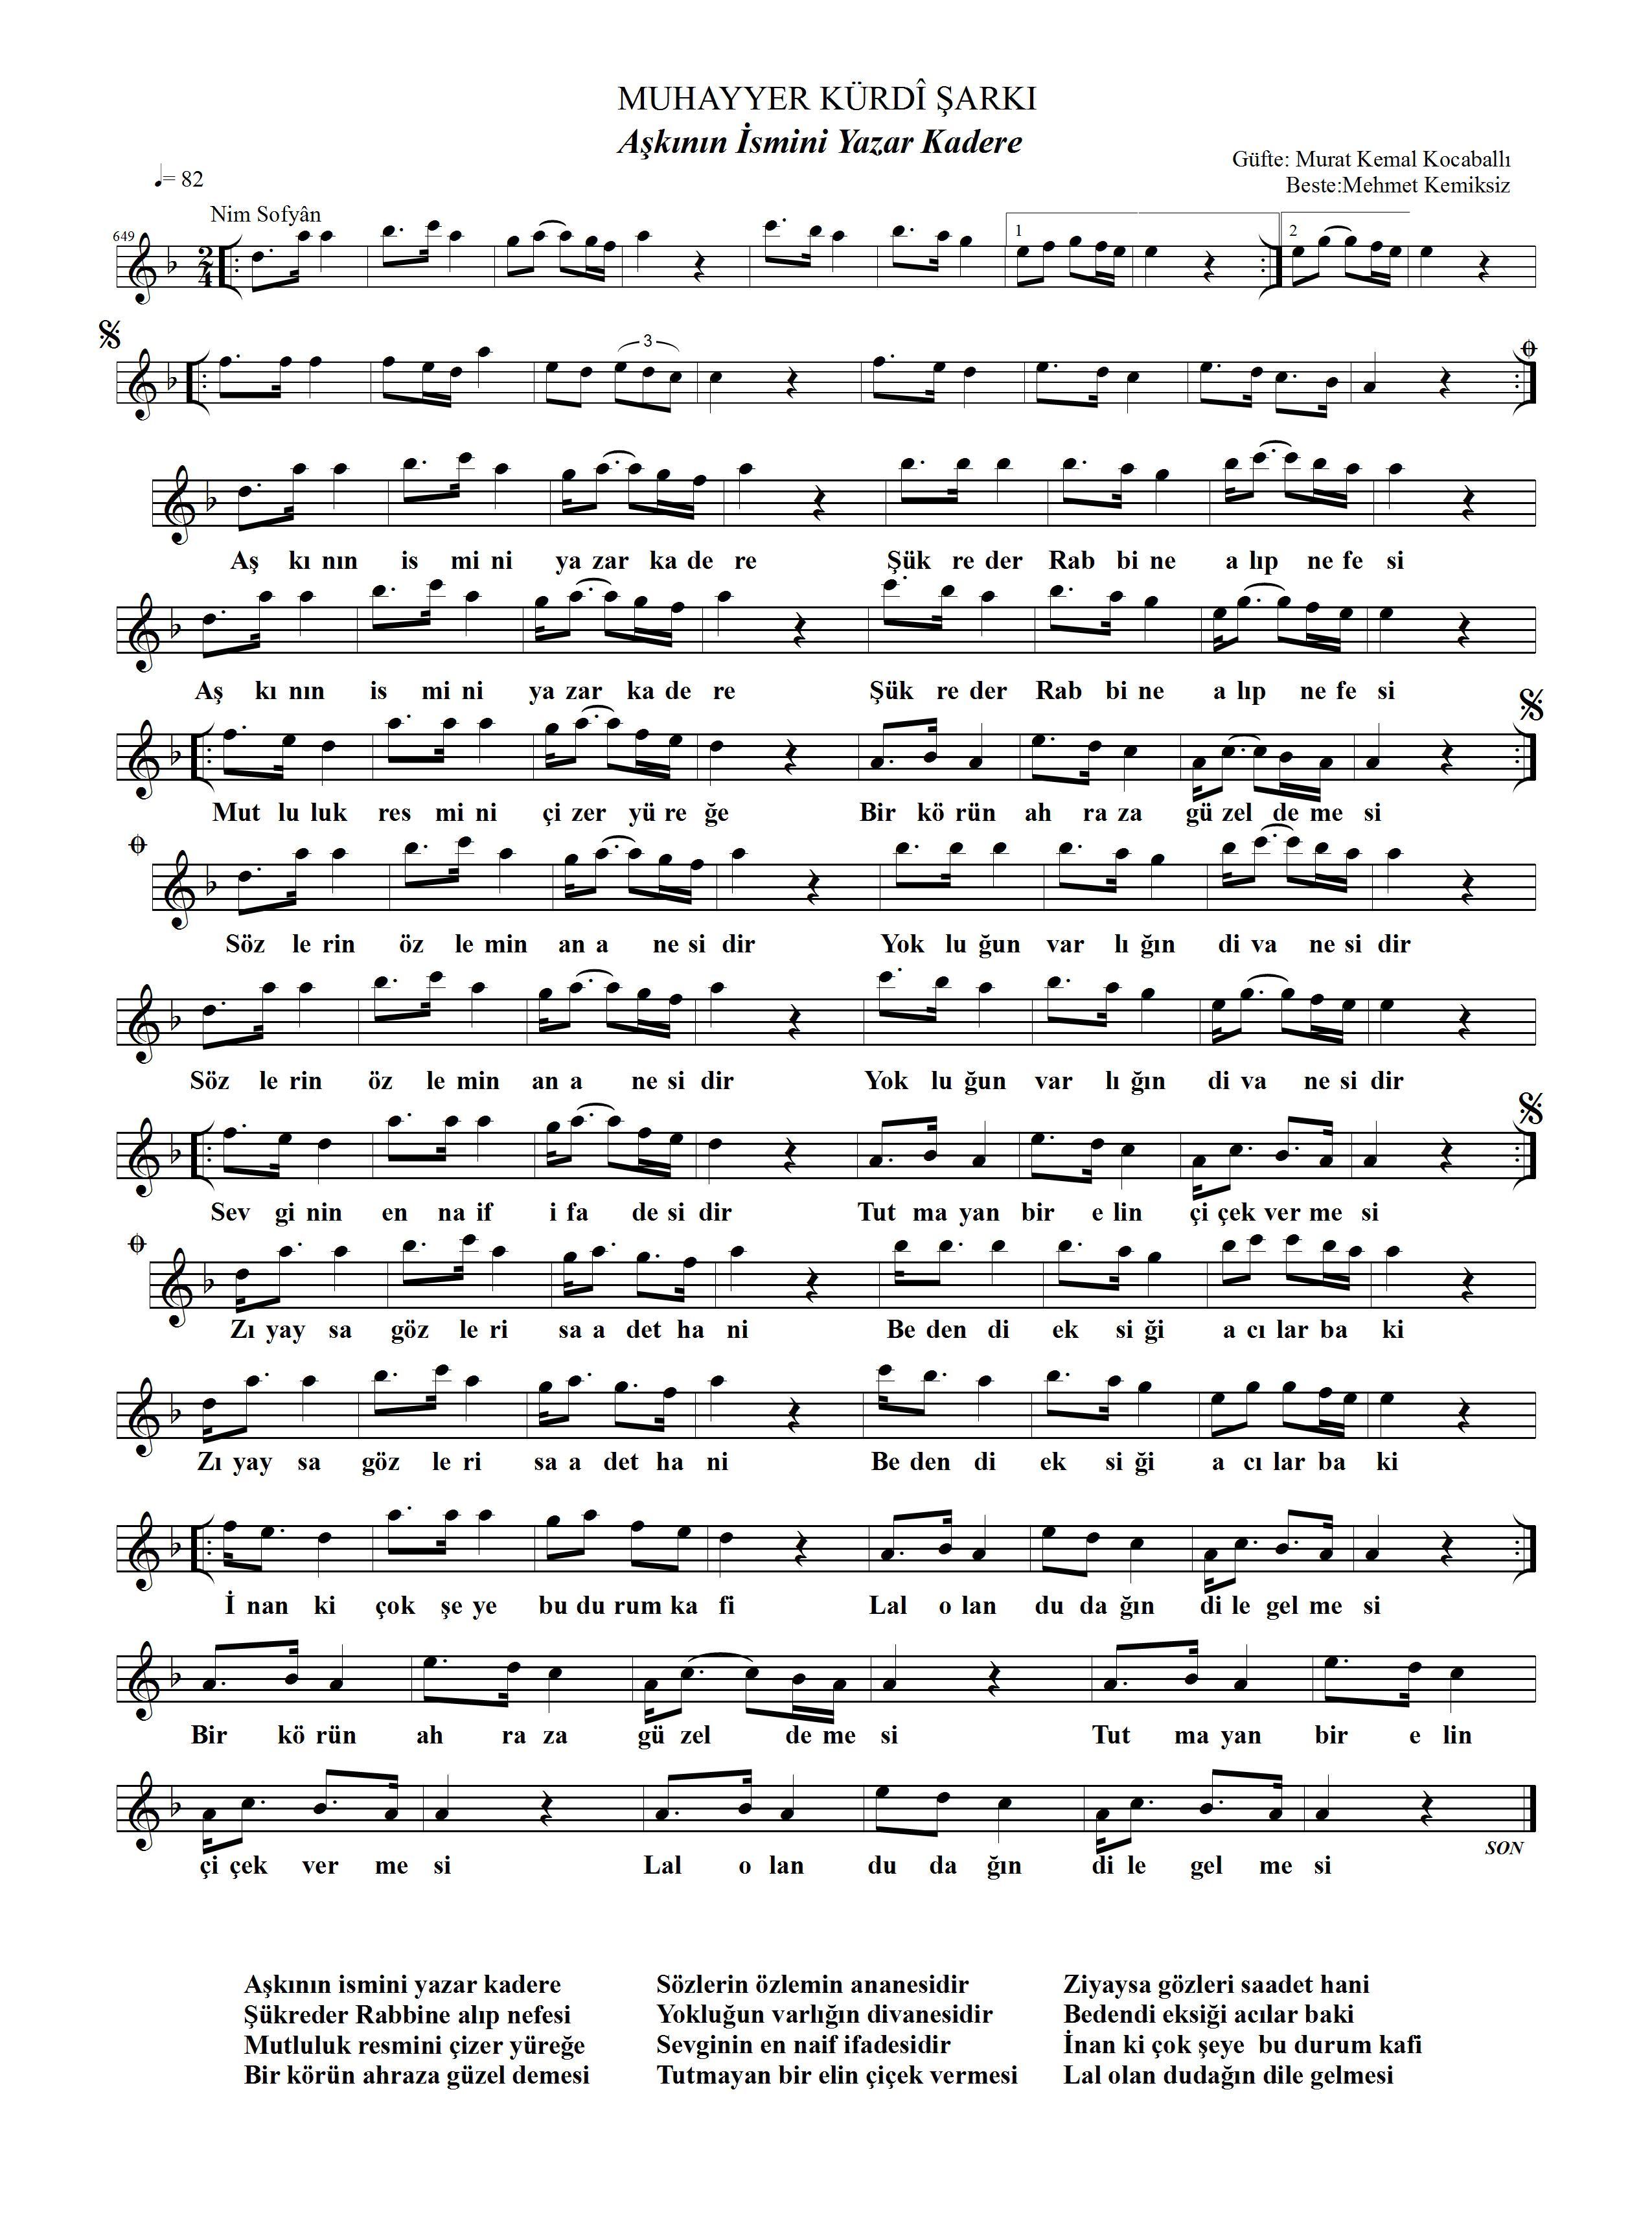 649-Muhayyerkurdi-AskininIsmini